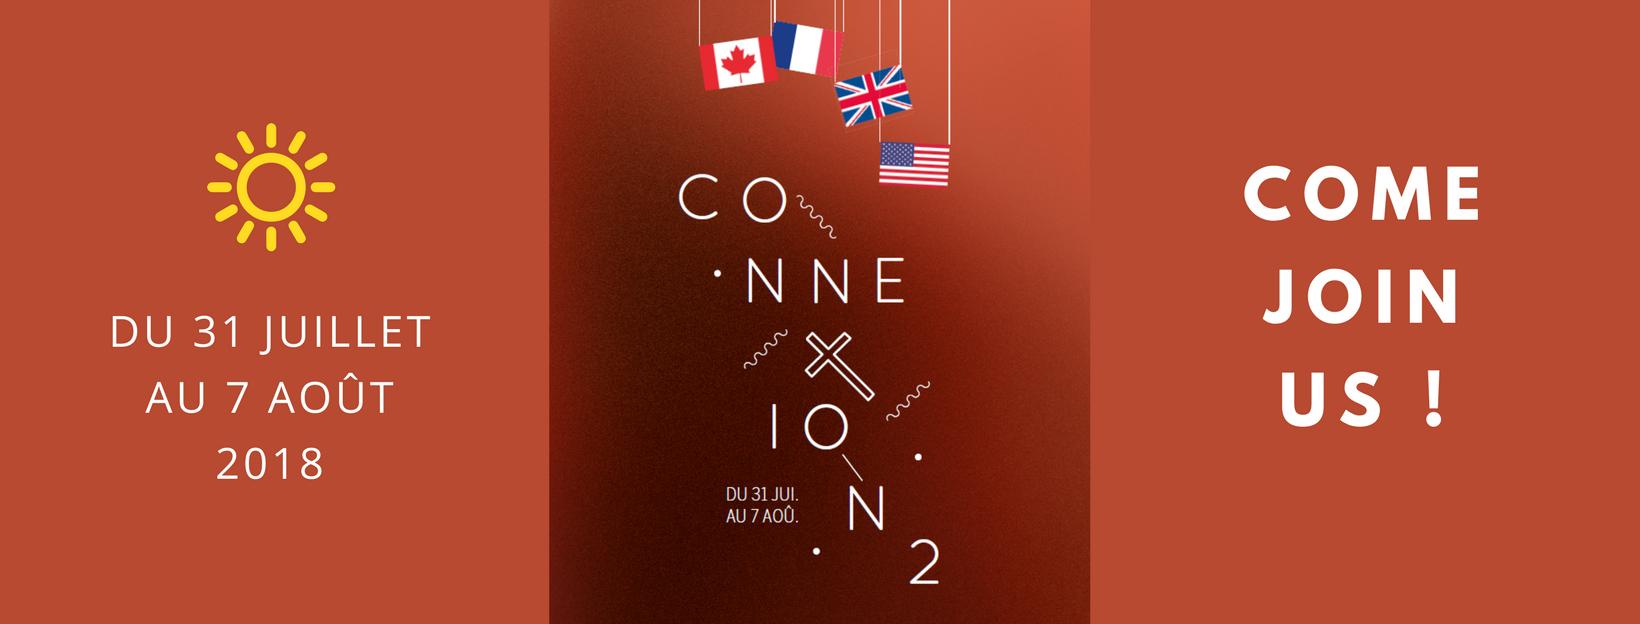 Bannière camp ConneXion à Valence